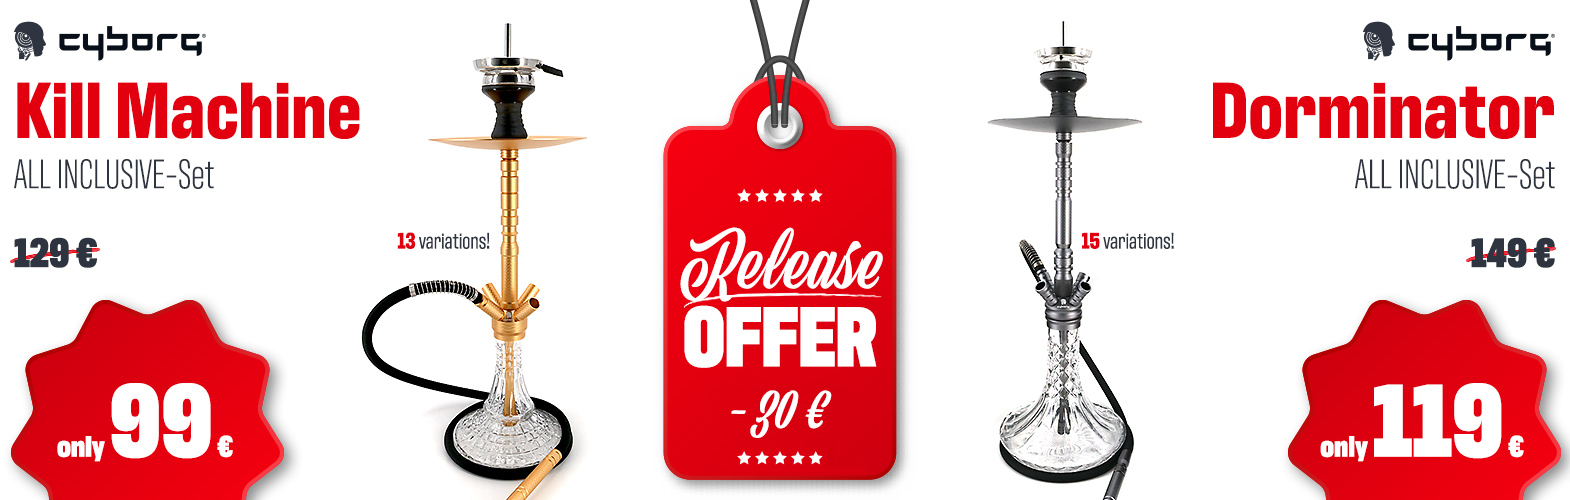 Release offer! Kill Machine & Dorminator